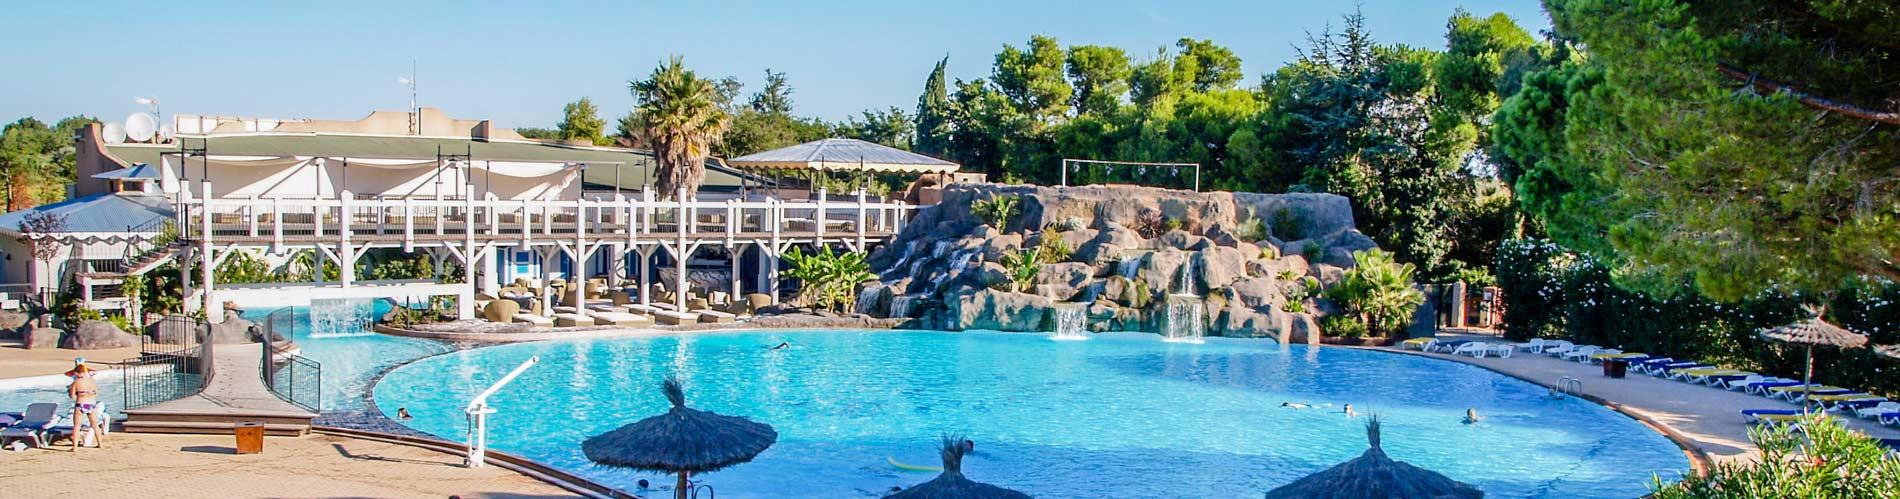 campings argeles sur mer avec piscine parc aquatique